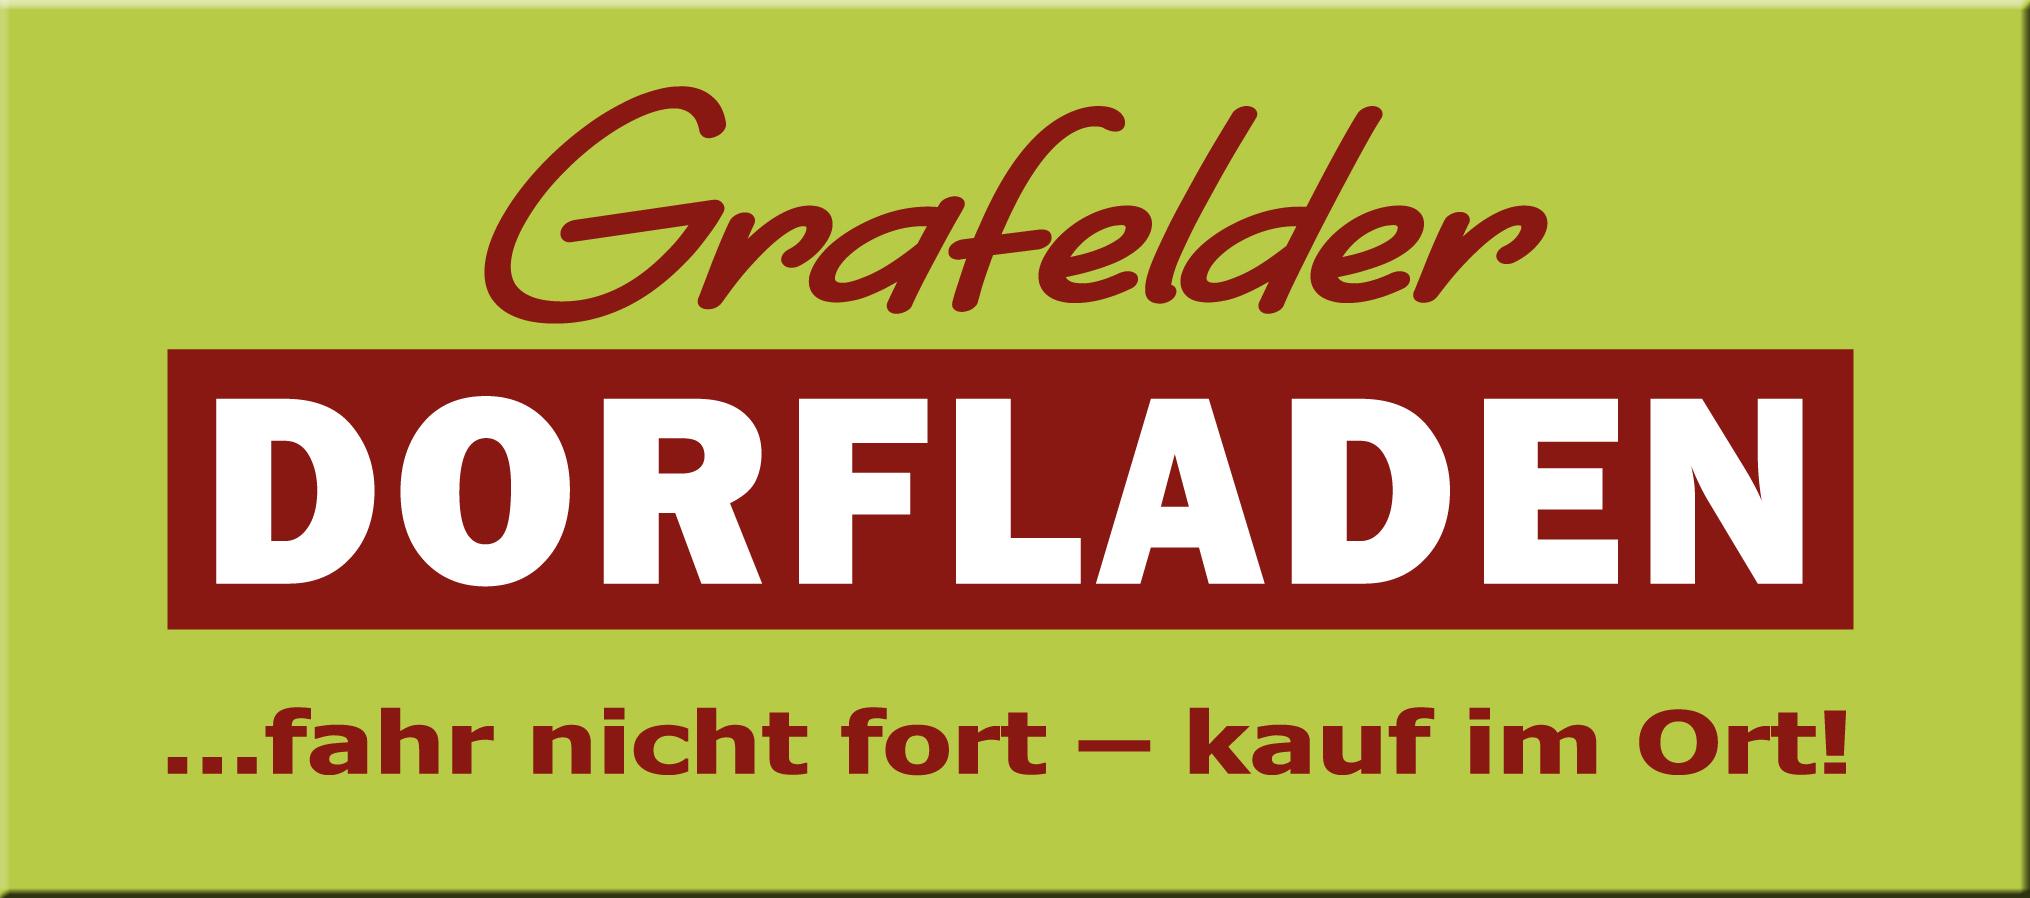 Dorfladen Grafeld